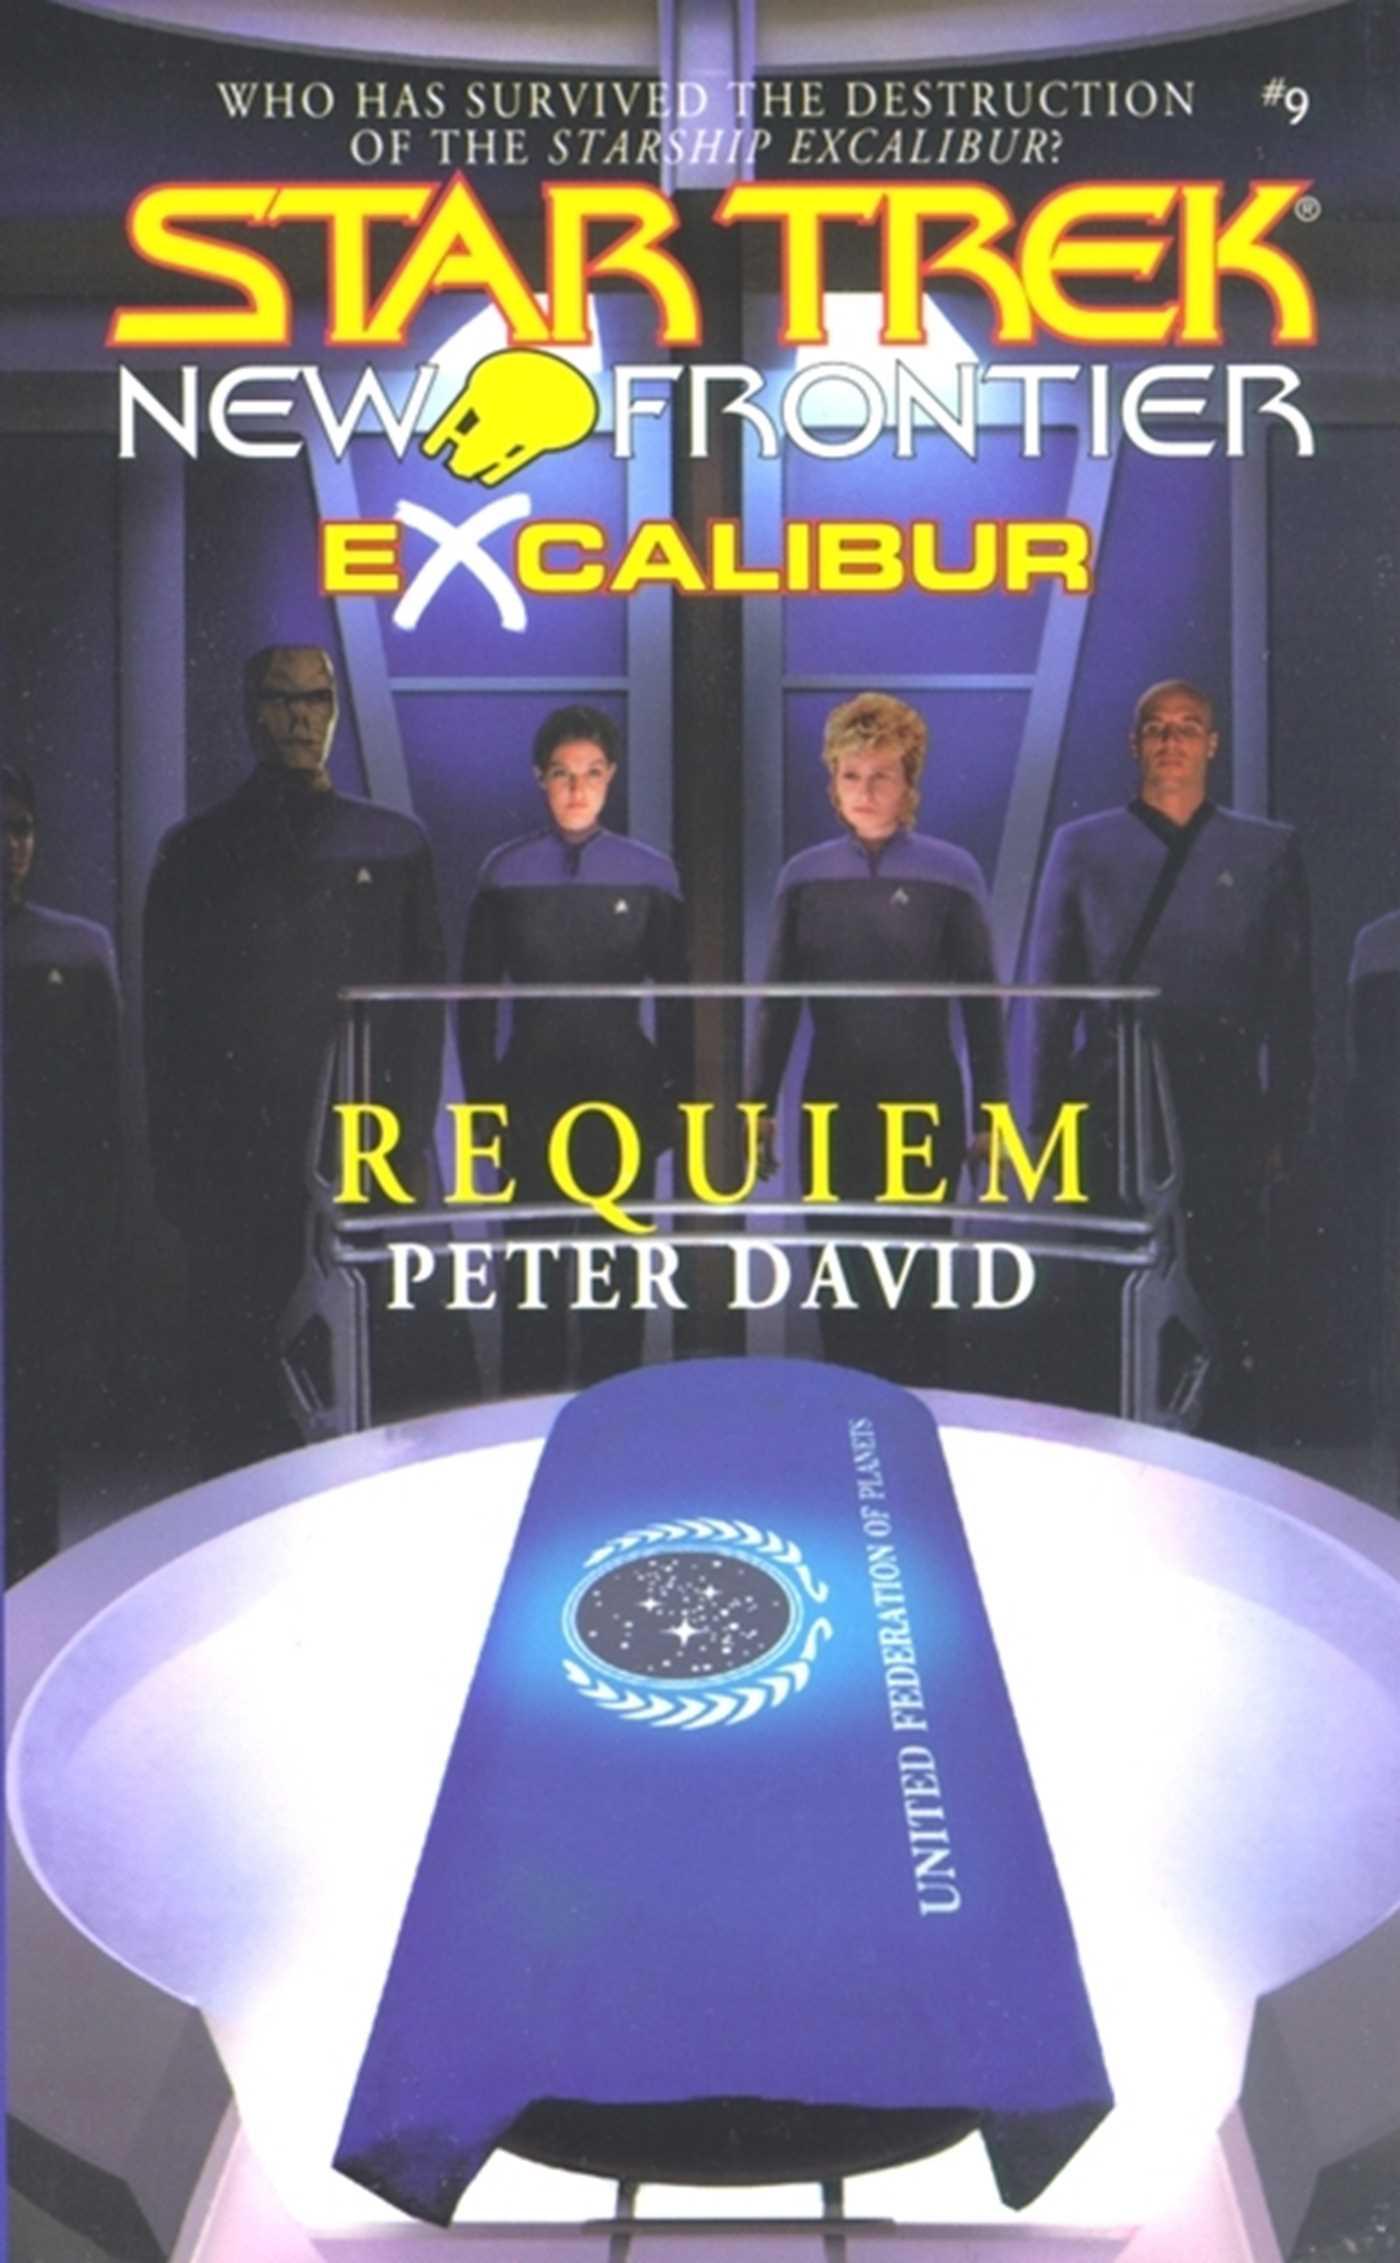 Requiem 9780743422253 hr